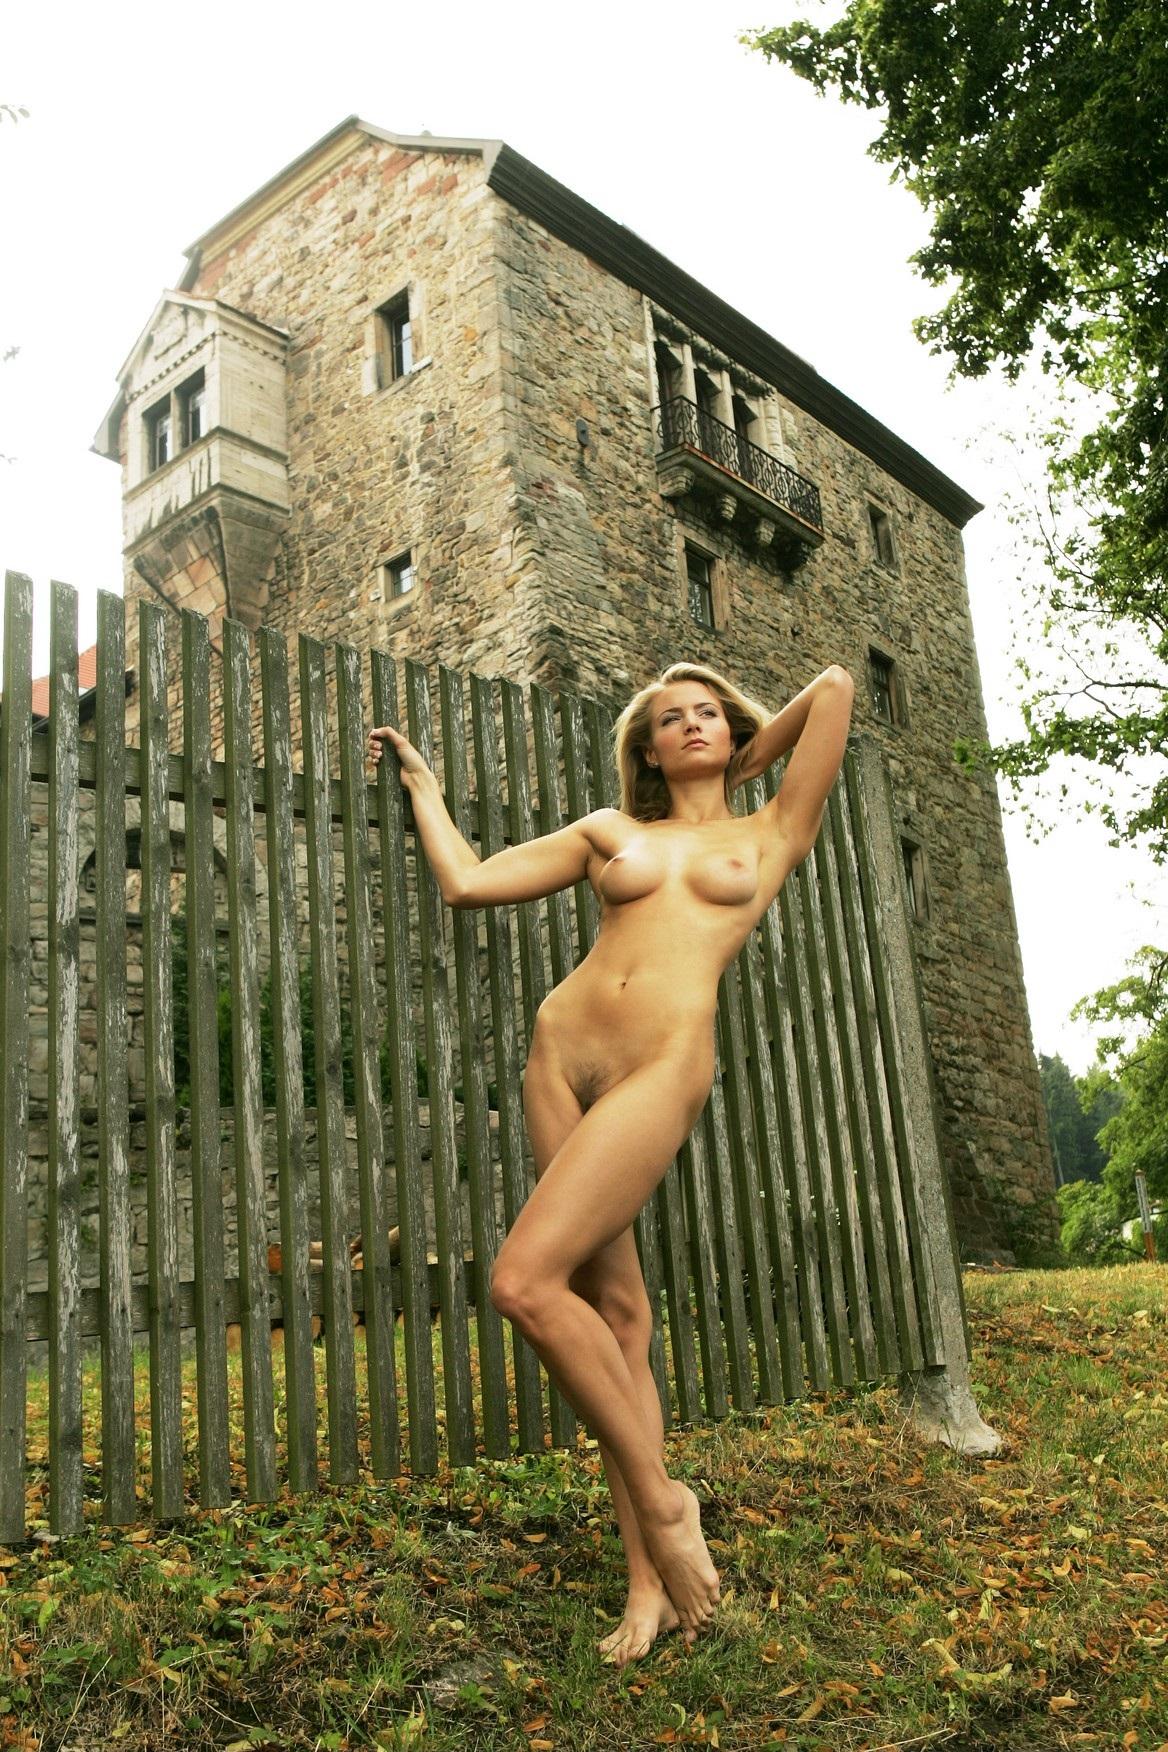 Raffaella offidani nude topless and sex barbara crampton nip slip